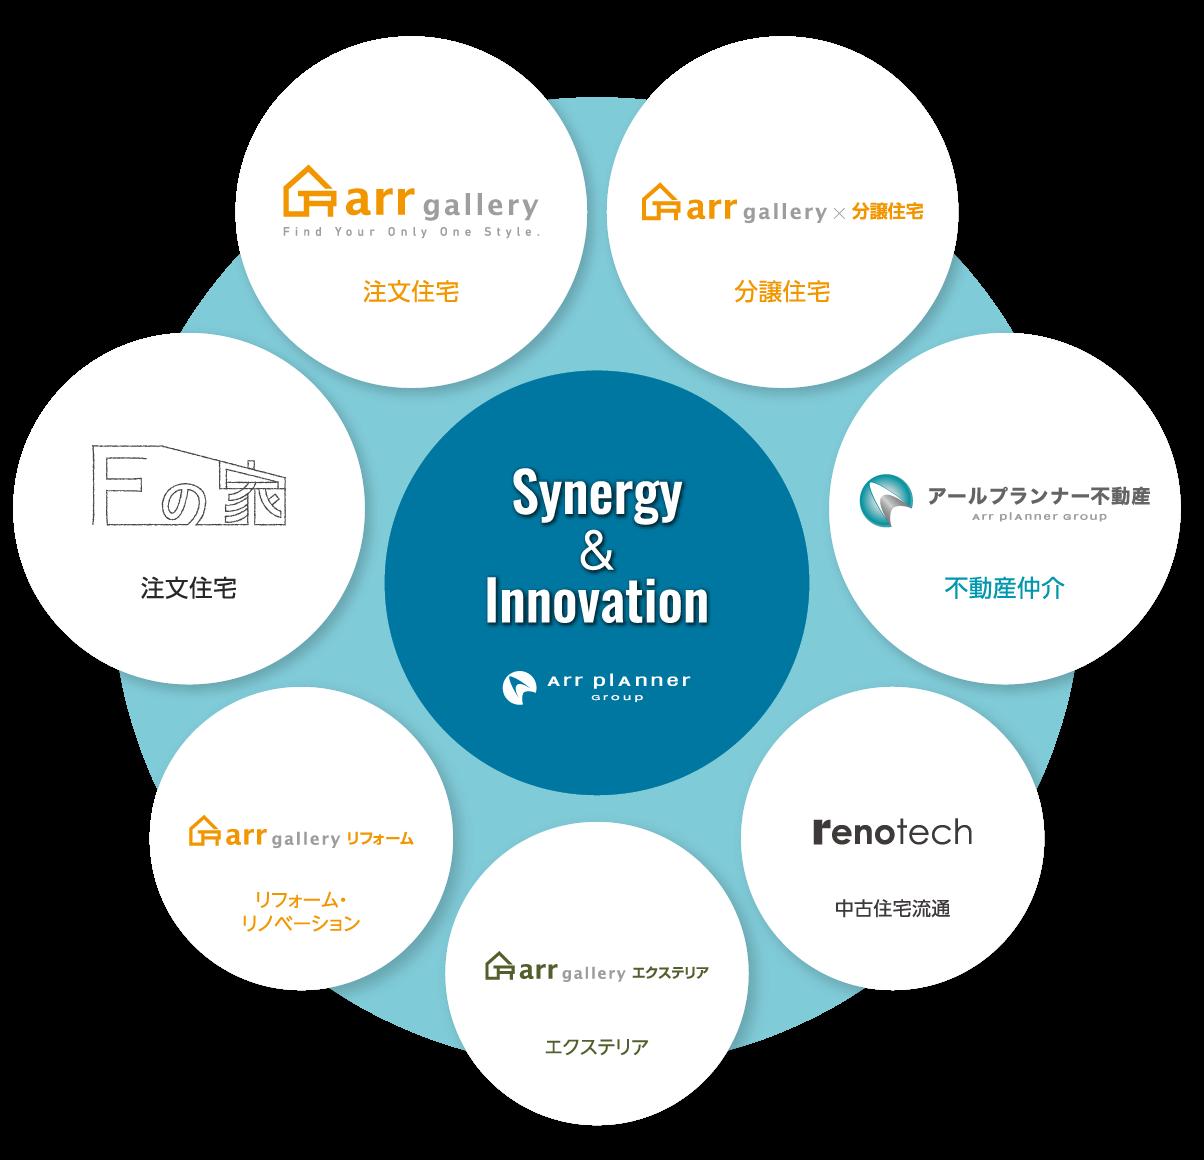 Synergy & Innovation